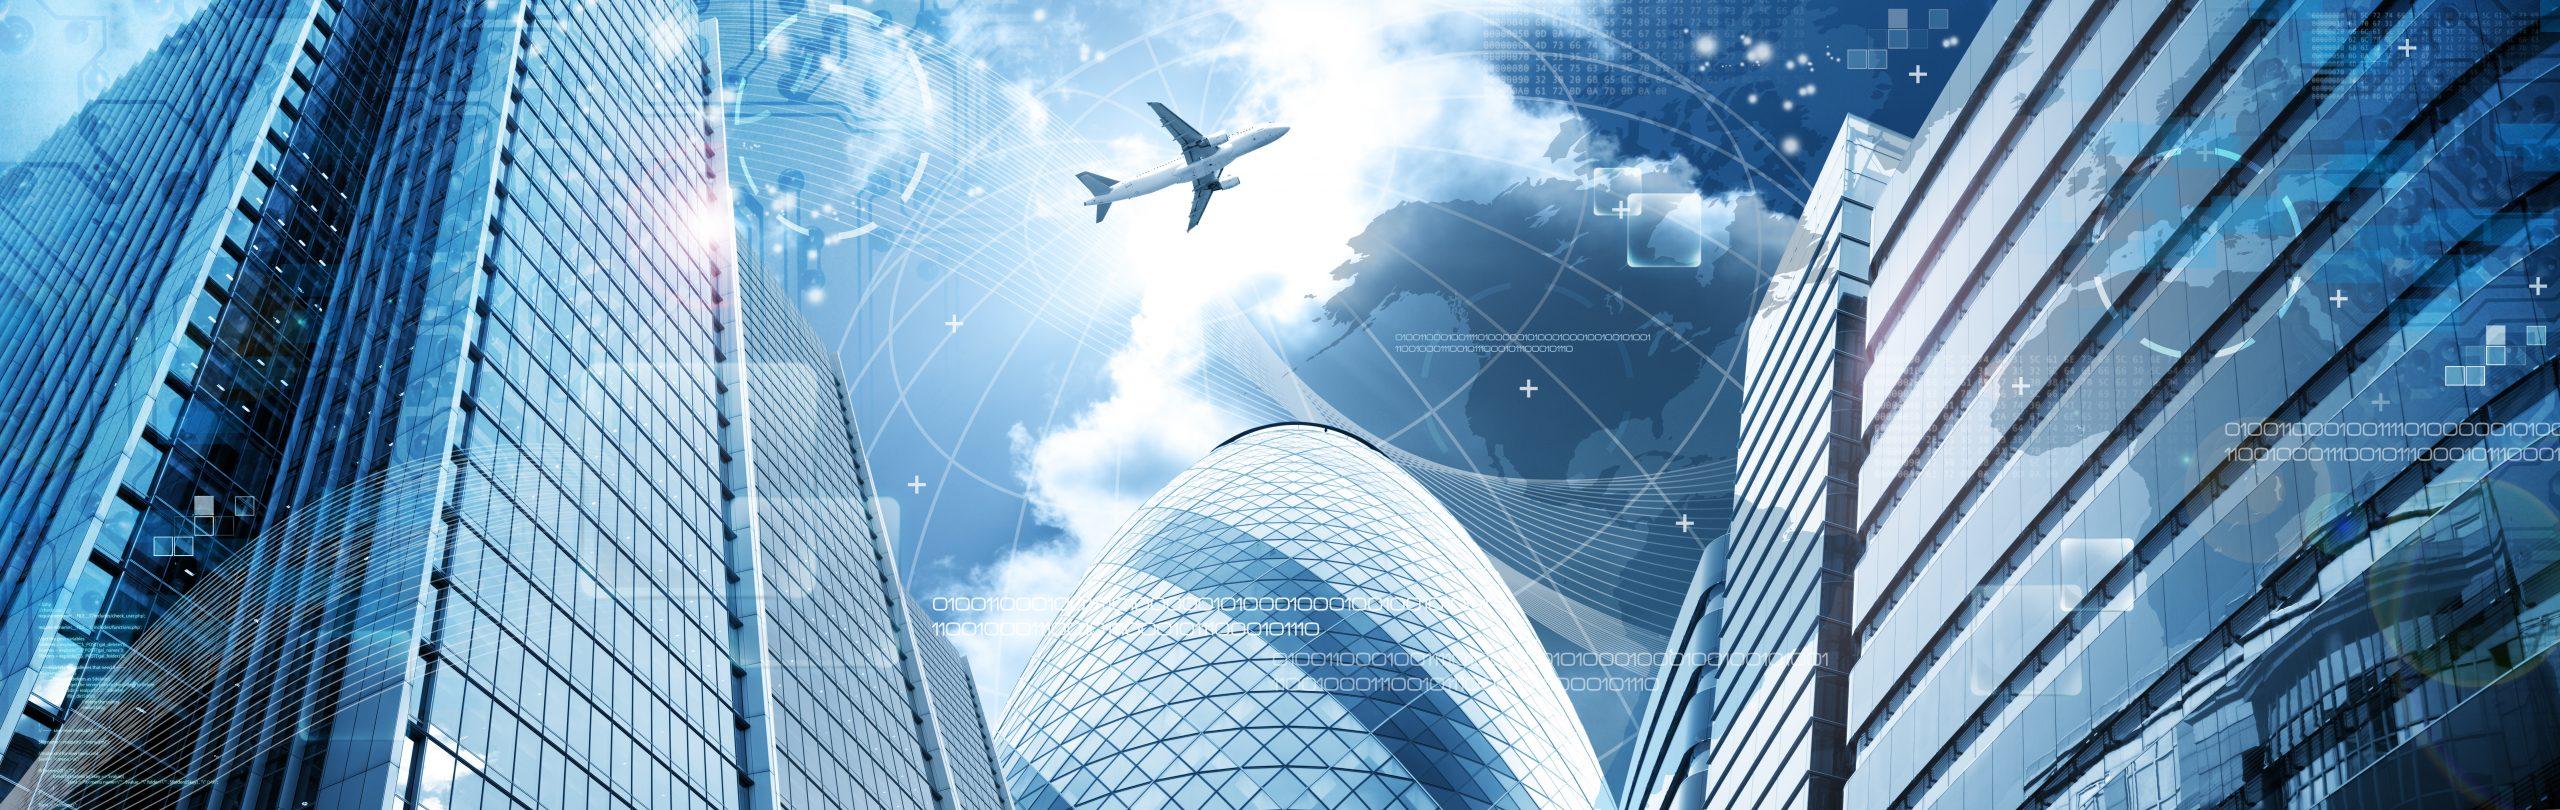 Business futuristic skyscraper banner with programm code